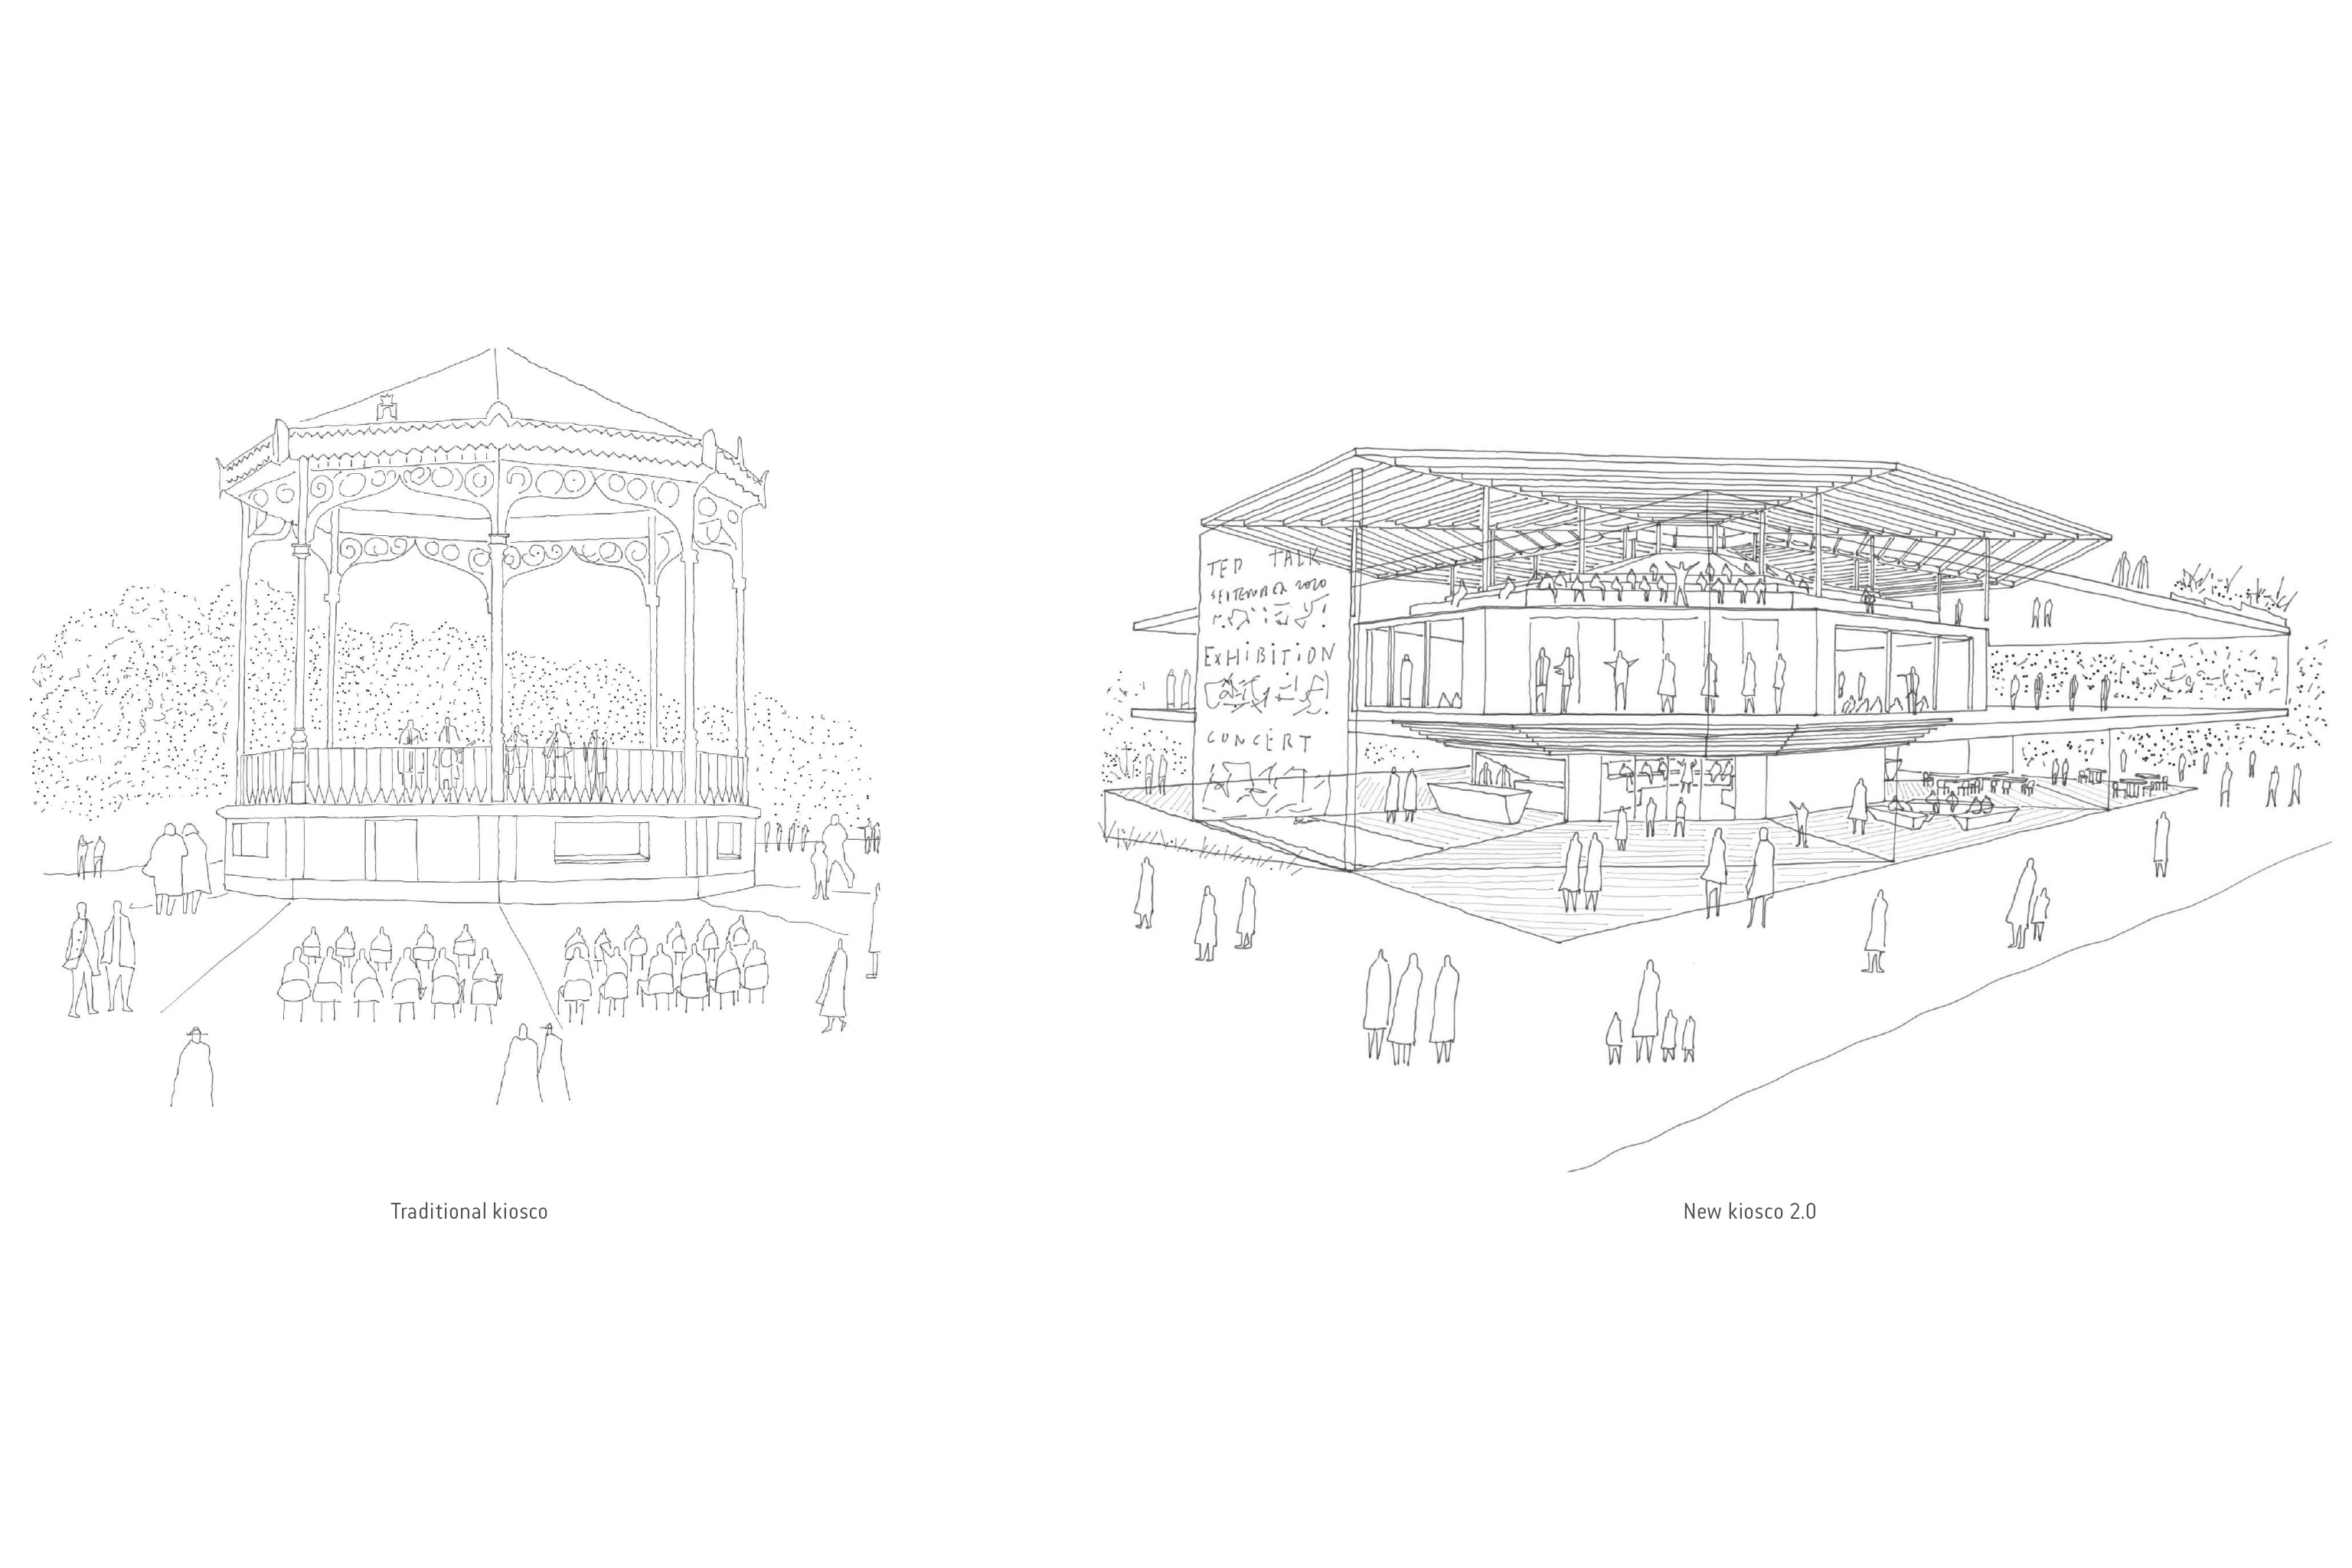 Cultural Centre Kiosco2 zU-studio architecture 01